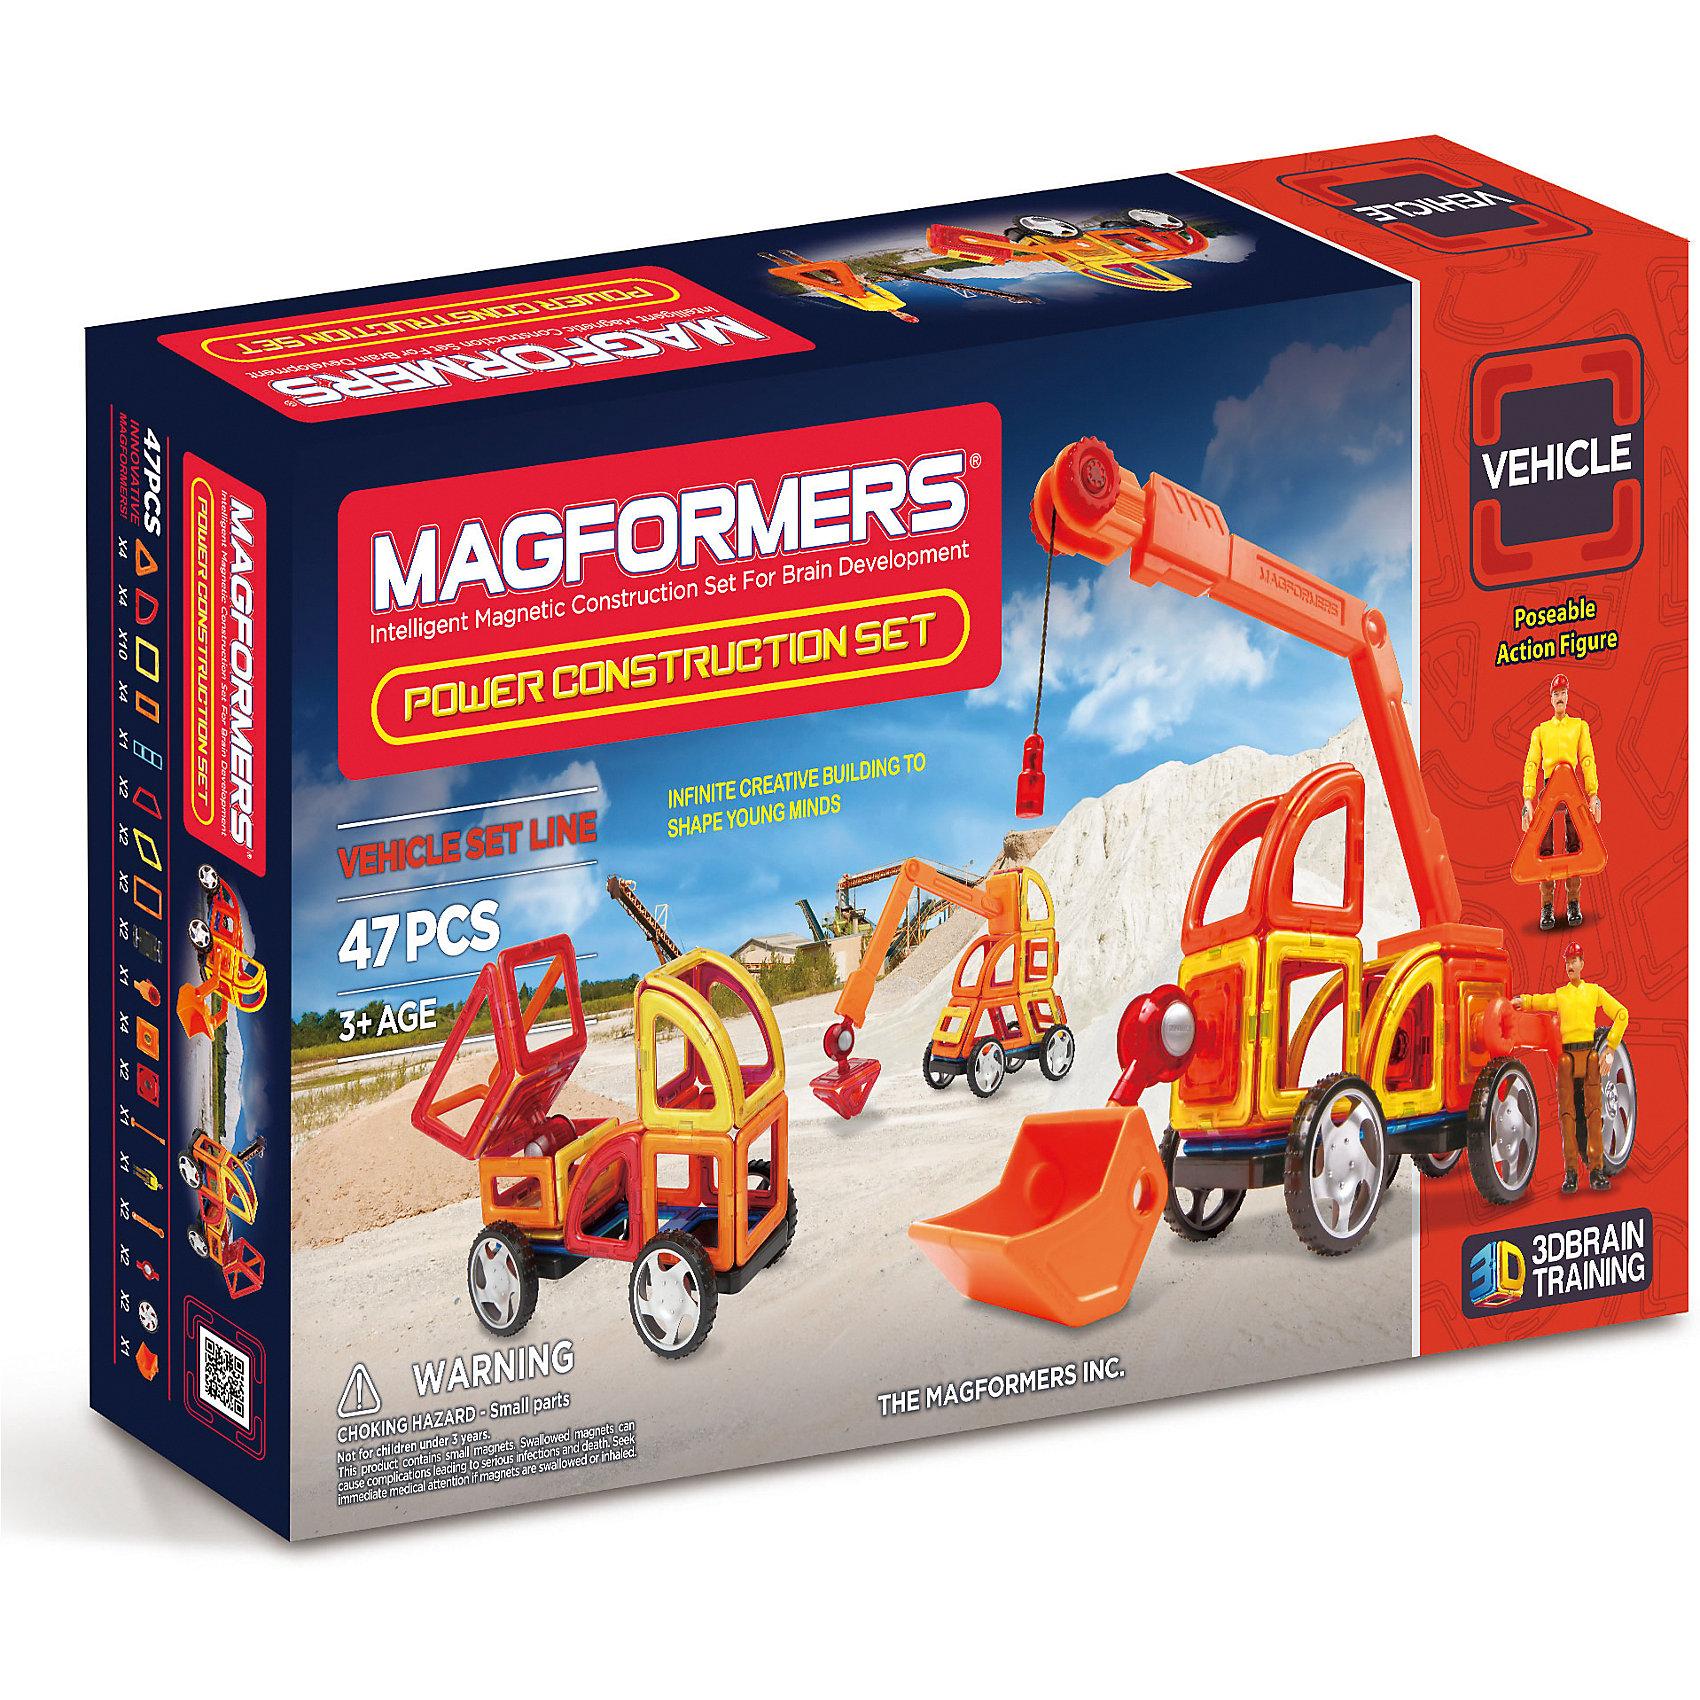 Магнитный конструктор Power Construction Set, MAGFORMERSЭтот набор, предназначенный для создания строительной техники, пожалуй, самый интересный из существующих. В состав набора входят новые детали(сектор, арка, минипрямоугольник), а также специальные аксессуары, которые позволят ребенку создавать разнообразные модели строительных машин. Причем кажется, что возможности этих аксессуаров просто безграничны. Вы можете создать обычную машинку, а потом при помощи рычагов и коннекторов превратить ее в настоящий трактор или бульдозер.<br>Фигура Строитель в униформе - отличное дополнение конструктора. Подвижные конечности делают из него полноценного водителя. За счет вмонтированных магнитов человечка можно прочно закрепить за рулем созданной техники. Также его можно прикрепить в любое другое место, посадить контролировать ситуацию на крышу, к примеру. <br>Готовый аксессуар ковш делает возможным сконструировать сложную технику типа экскаватора. Он крепится на специальных коннекторах и рычагах. А 2 отдельных колеса обязательно найдут себе место в ваших машинах. <br>Также прилагаются стрела, веревочный блок. Они нужны для создания крана, чтобы поднимать грузы. <br>Набор подбирают для детей не по возрасту, а по высокой эрудиции и знаниям о строительной технике, а также по развитому пространственному воображению. <br><br>Такой конструктор понравится каждому ребенку. К тому же яркая упаковка помогает ему стать идеальным подарком!<br><br>Дополнительная информация:<br><br>- Количество деталей: 47 шт. <br>- Треугольники: 4 шт. <br>- Квадраты: 10 шт. <br>- Ромбы: 2 шт. <br>- Трапеции: 2 шт. <br>- Супер прямоугольники: 1 шт. <br>- Мини прямоугольники: 4 шт. <br>- Секторы: 4 шт. <br>- Арки: 2 шт. <br>- Пара колес: 2 шт. <br>- Большие колеса: 2 шт. <br>- Веревочный блок: 1 шт. <br>- Вращающиеся блоки: 4 шт. <br>- Ковш: 1 шт. <br>- Магнитные соединительные блоки: 2 шт. <br>- Подвижный рычаг: 2 шт. <br>- Стрела: 1 шт. <br>- Суставы: 2 шт. <br>- Фигурка строителя: 1 шт. <br>- Возраст: от 3